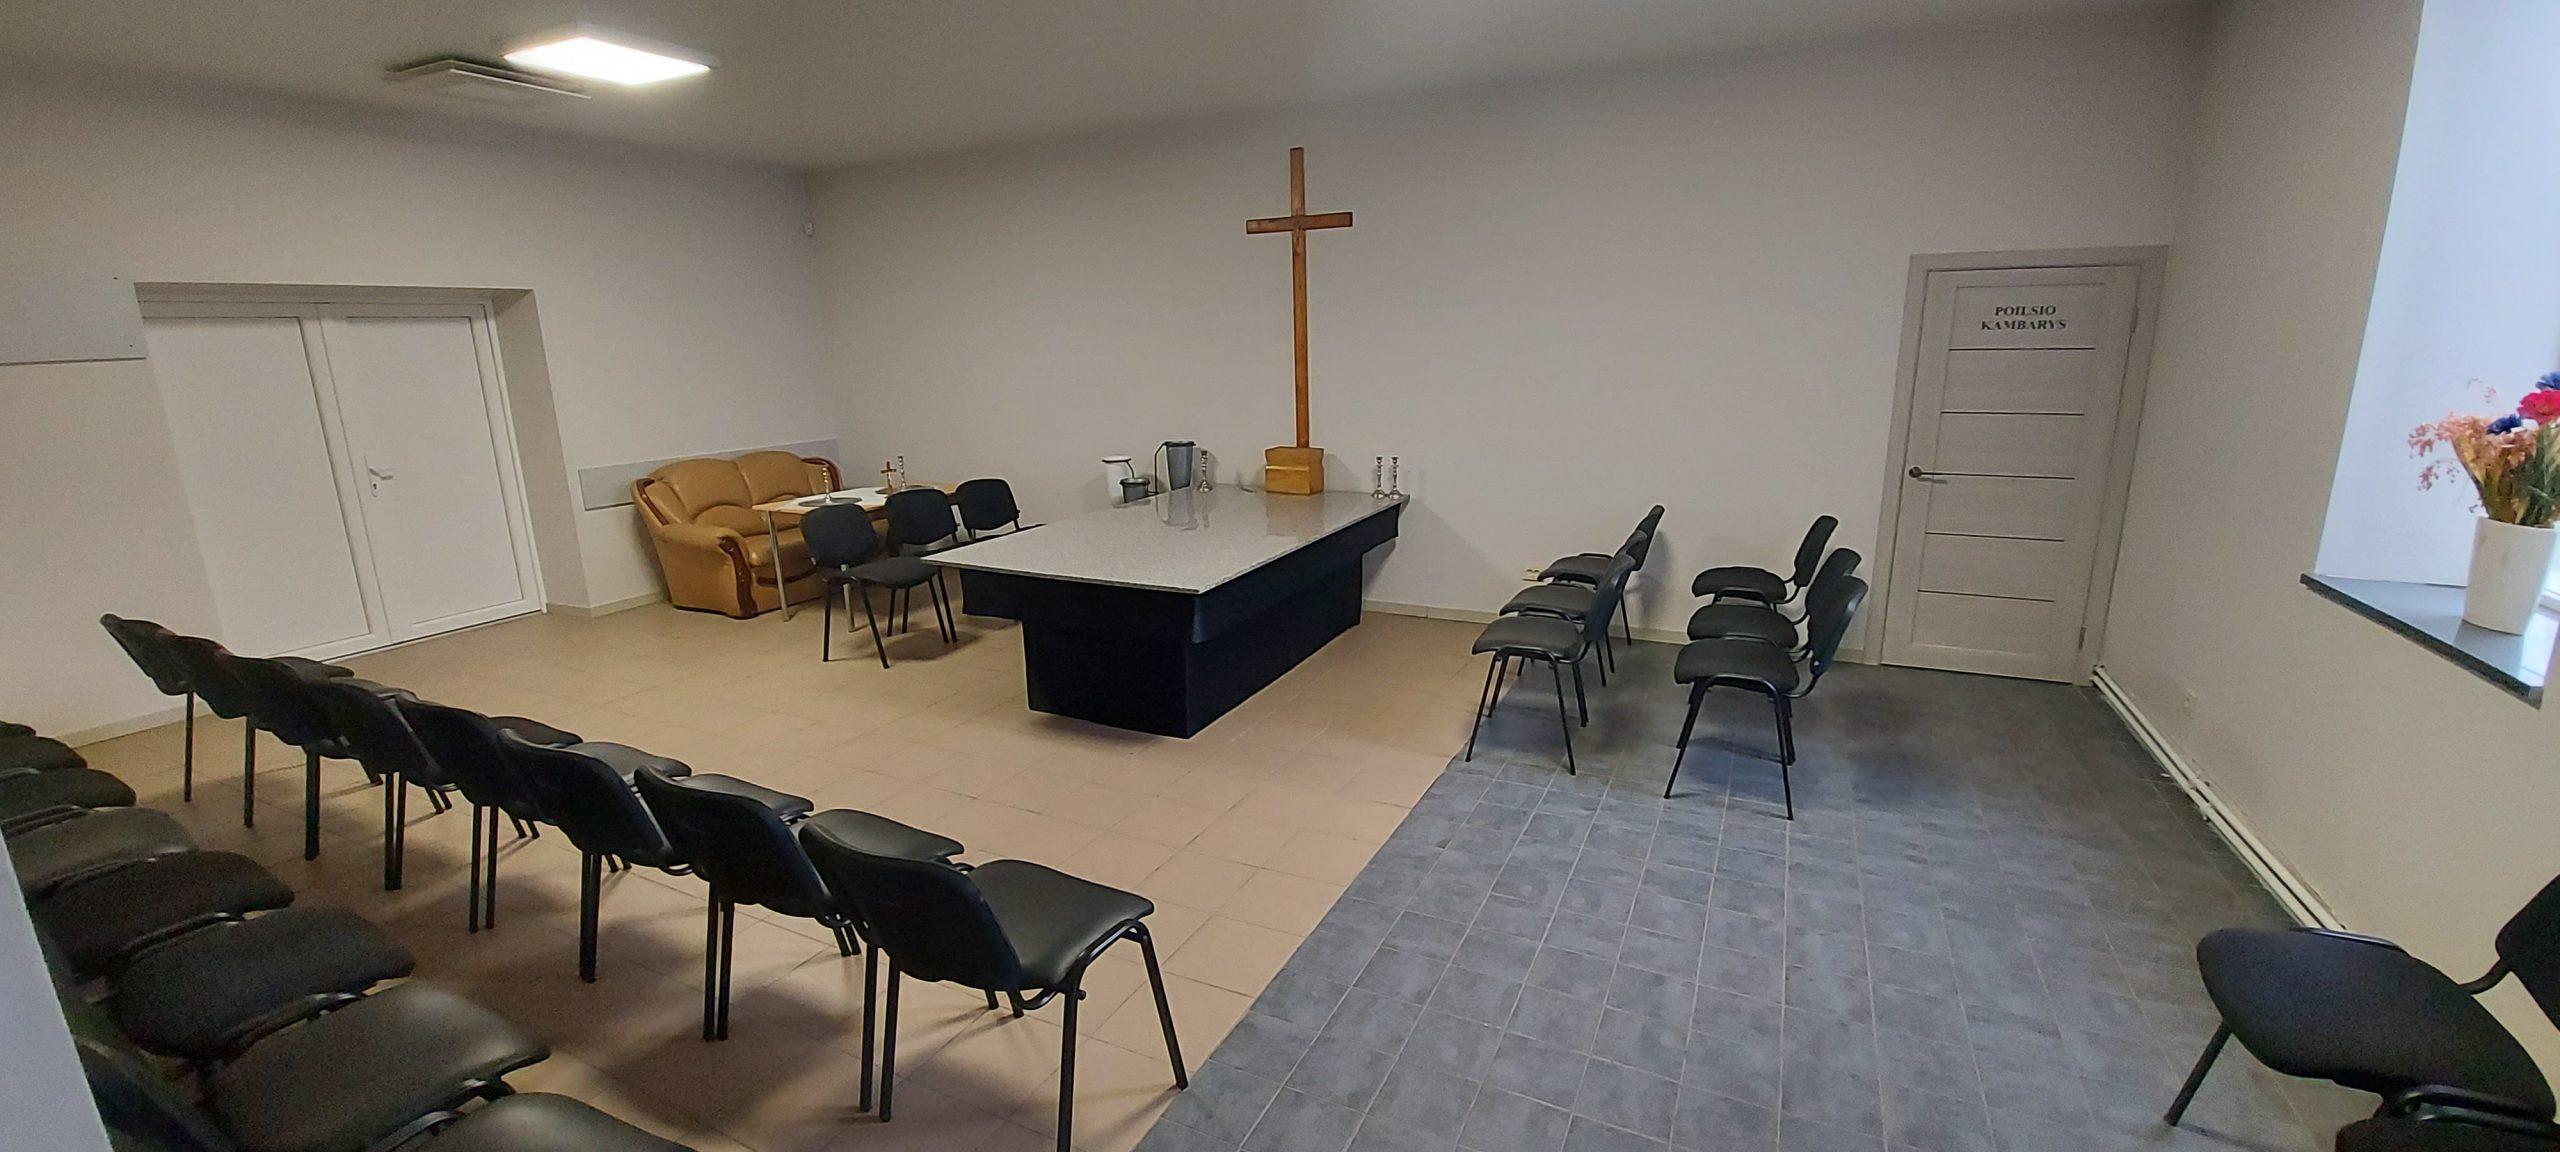 laidojimo paslaugos Vilniuje. Laidojimo namai Vilniuje. Šarvojimo salės